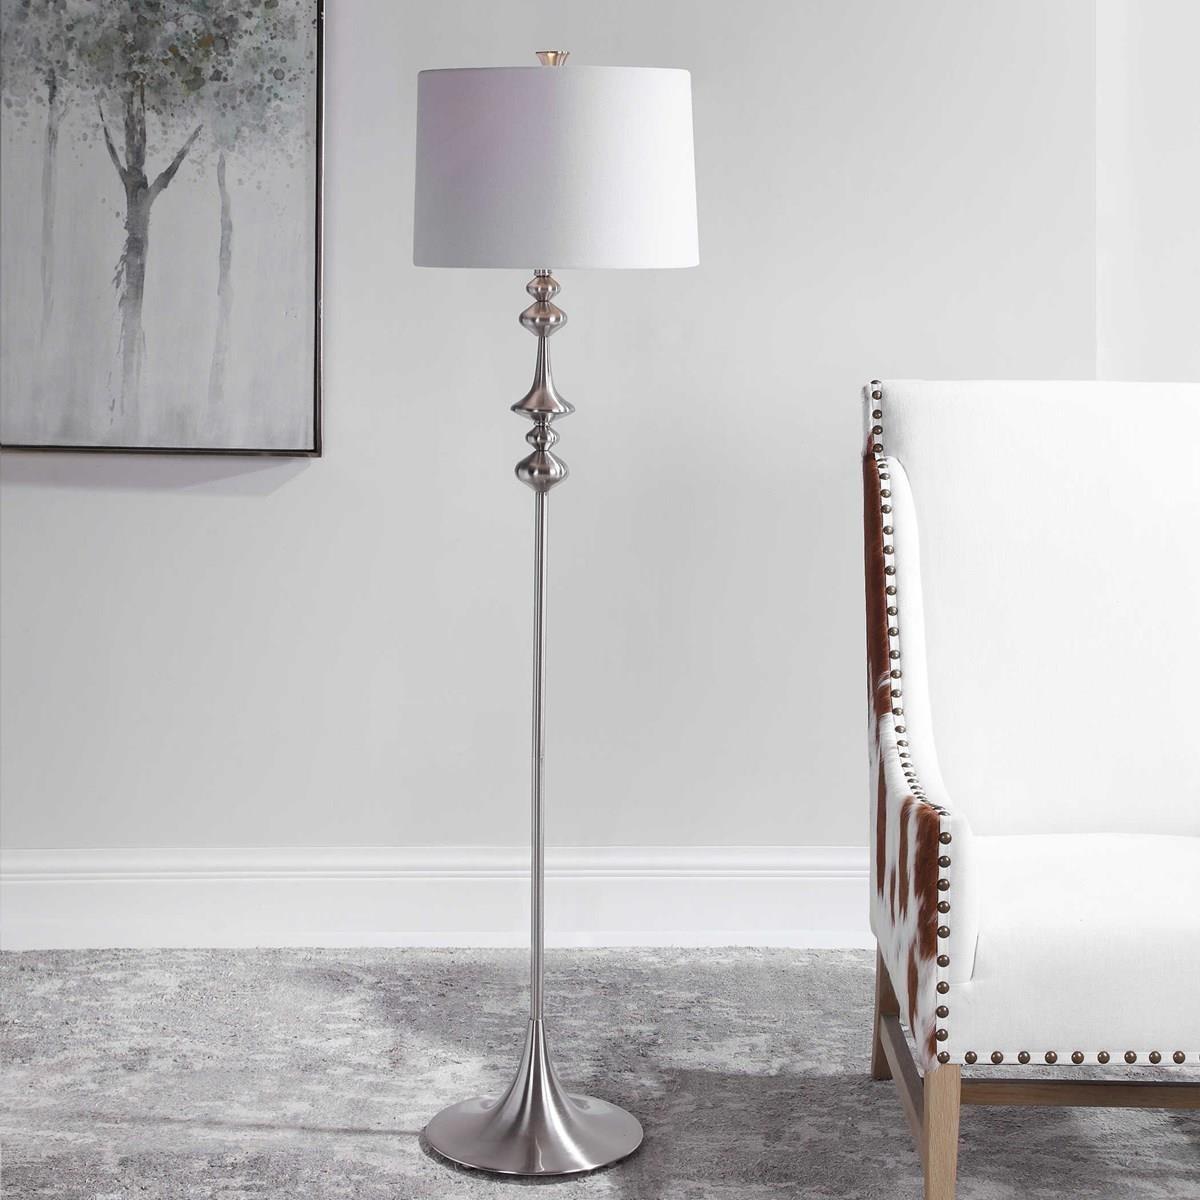 Floor Lamps CECELIA FLOOR LAMP by Unique at Walker's Furniture